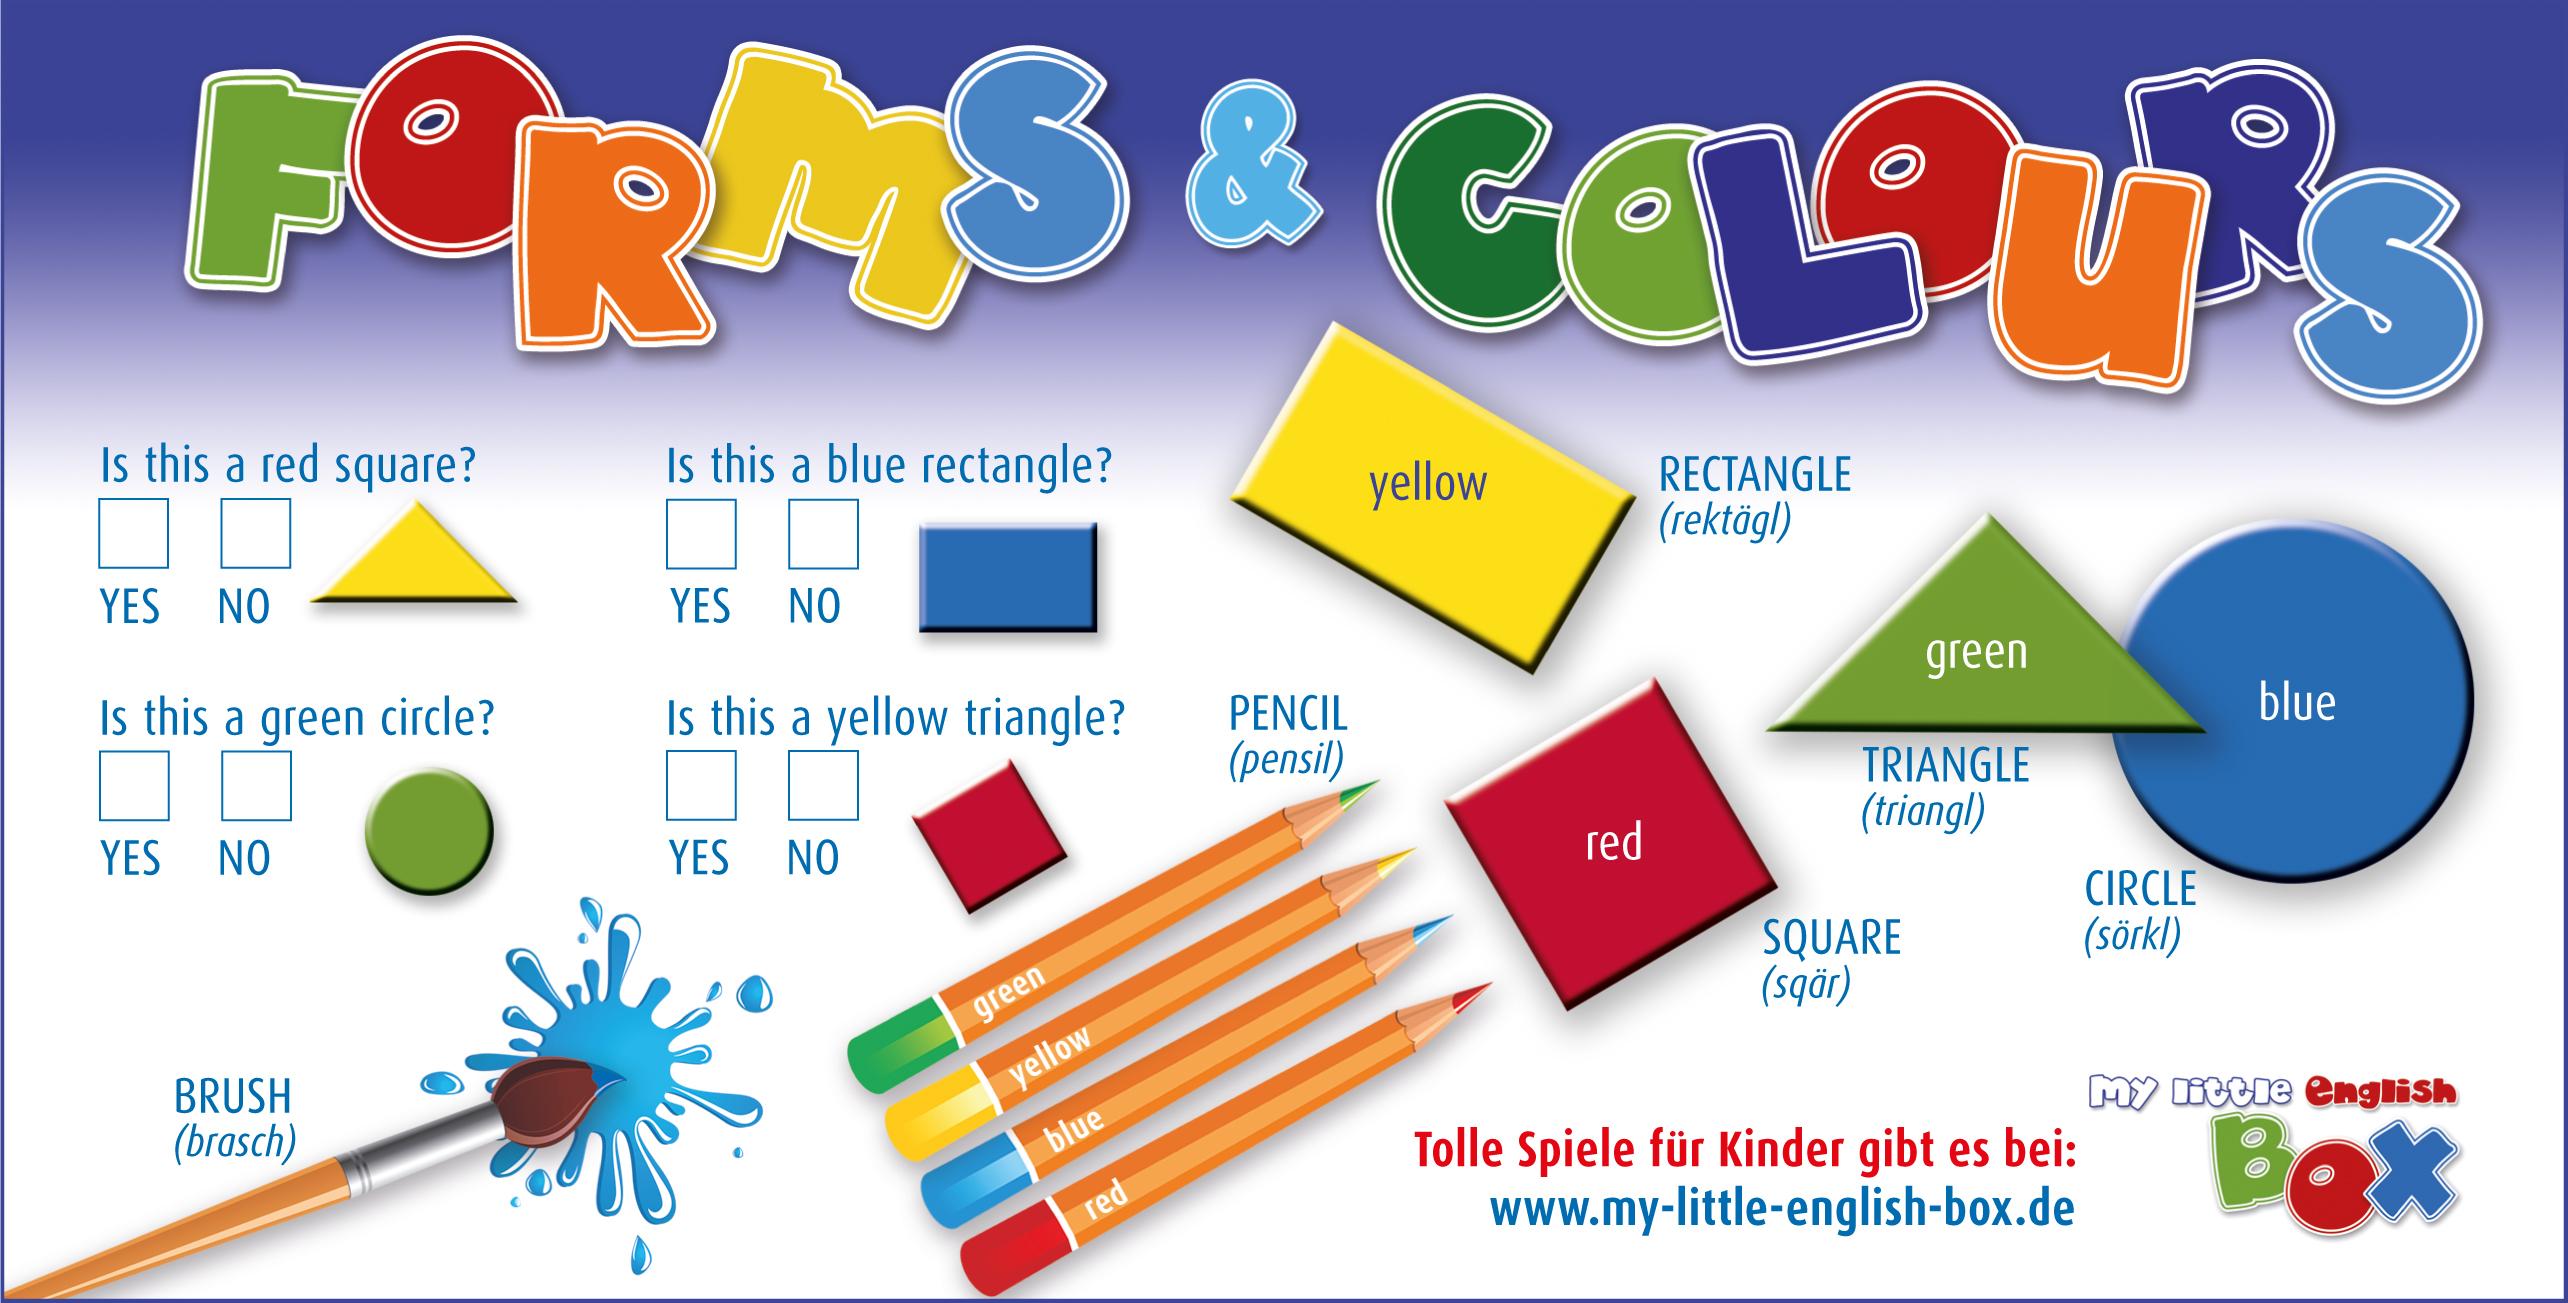 Gute Geschenke für Kinder, Englisch für Kinder, Englisch für kids, happy English